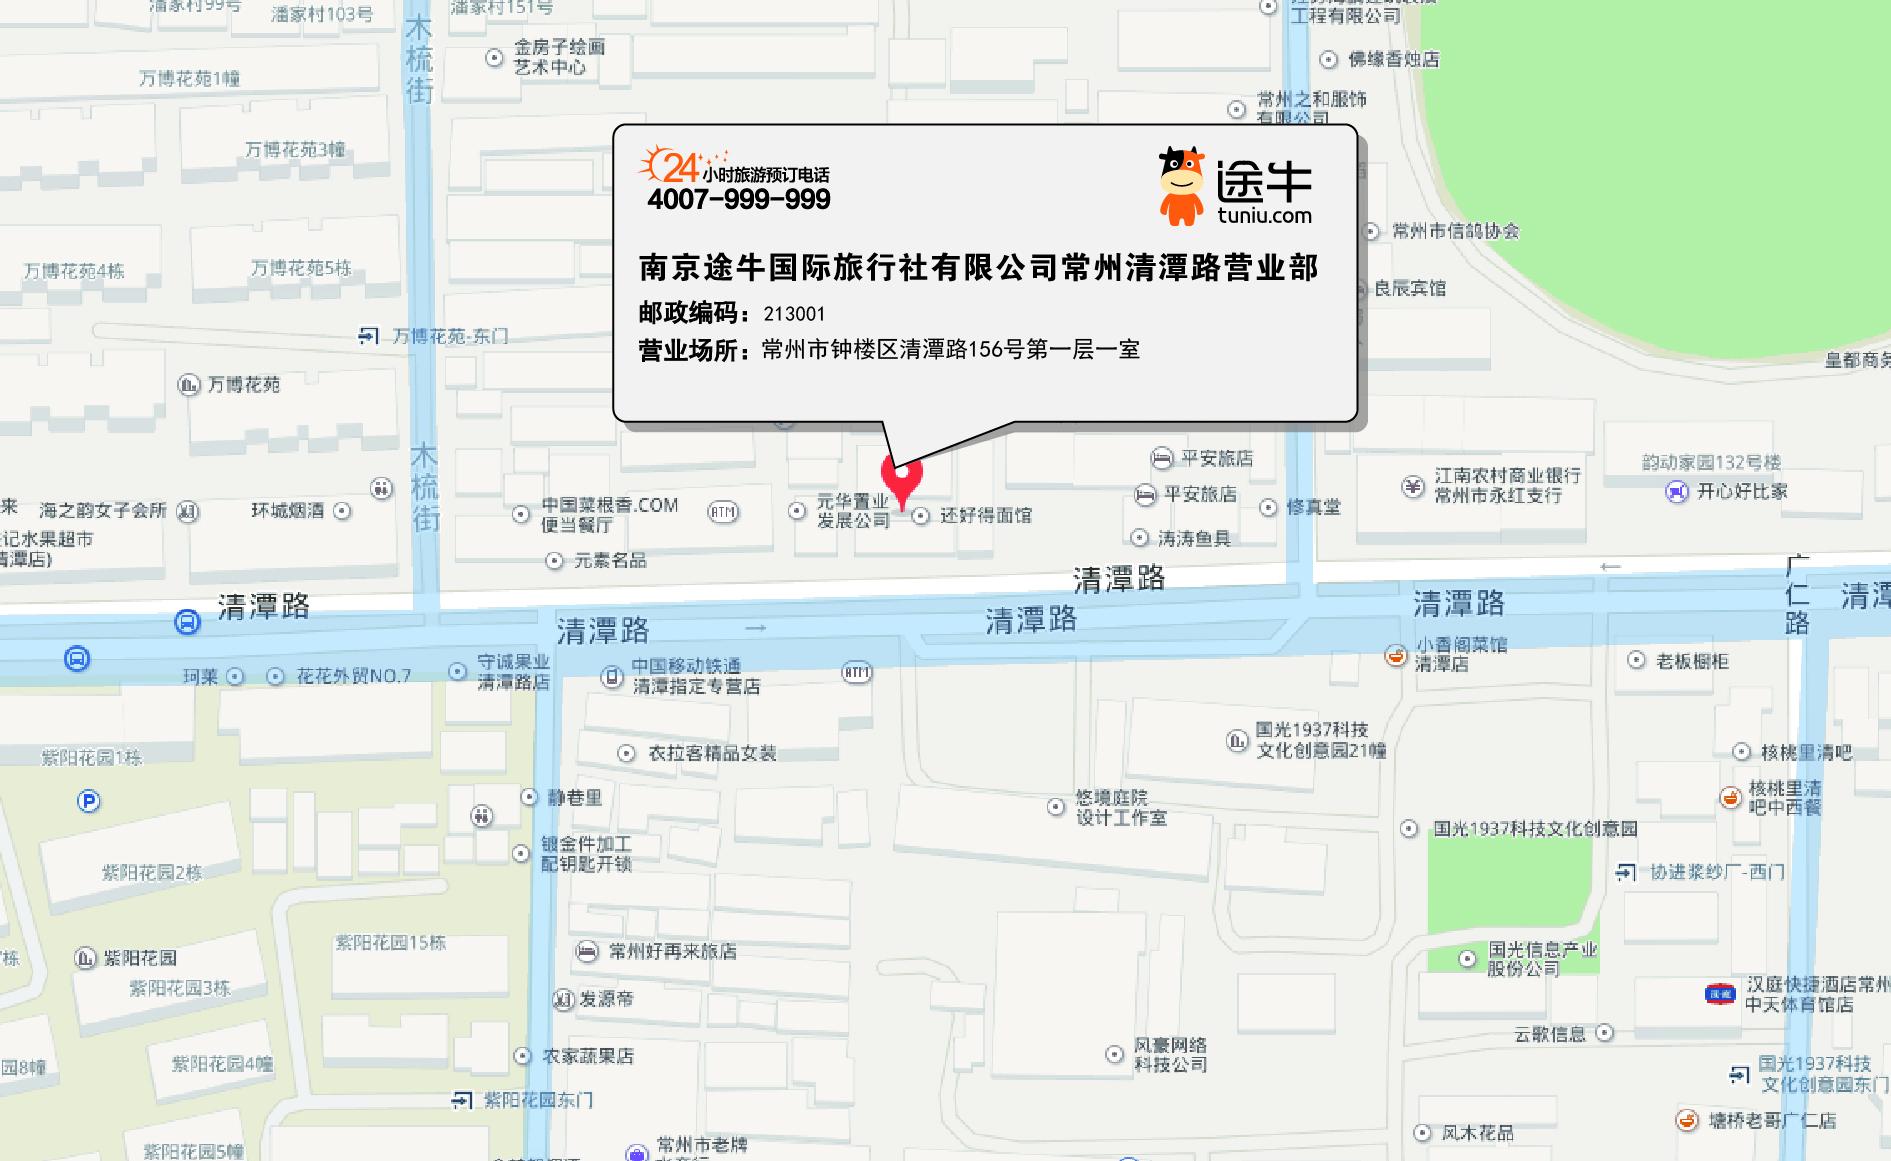 南京途牛国际旅行社有限公司常州清潭路营业部地图